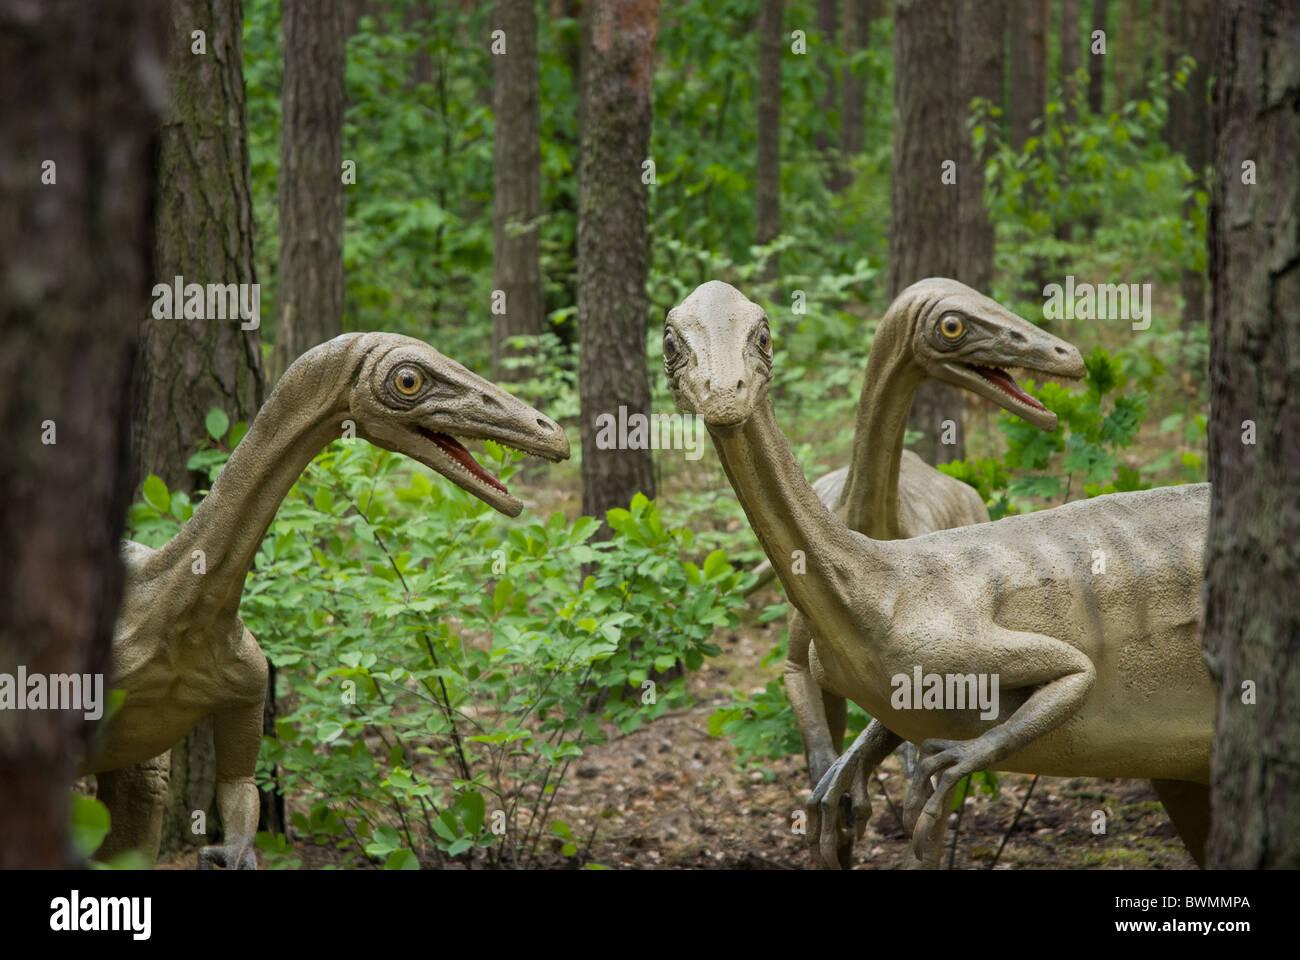 Les dinosaures dans le parc à thème dans le parc à thème Banque D'Images